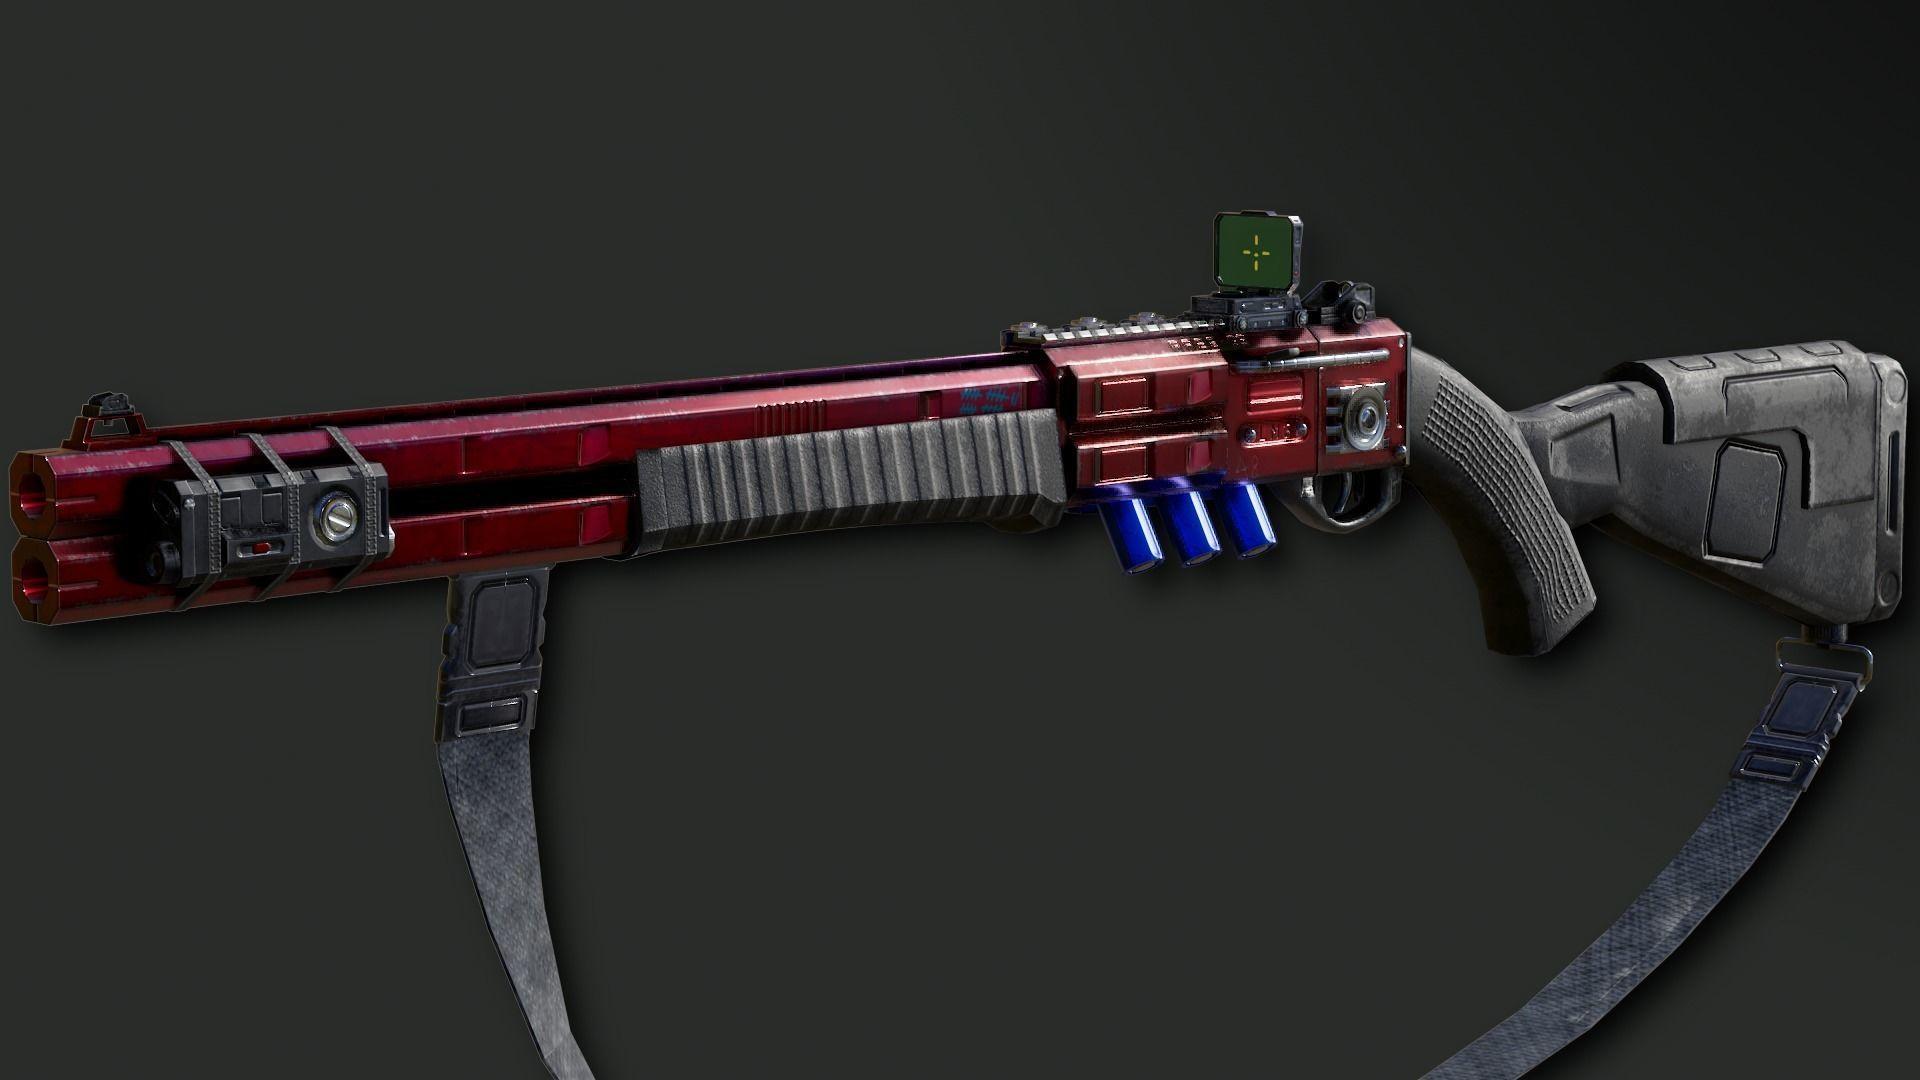 RA2539 Sci-Fi Double Barreled Shotgun